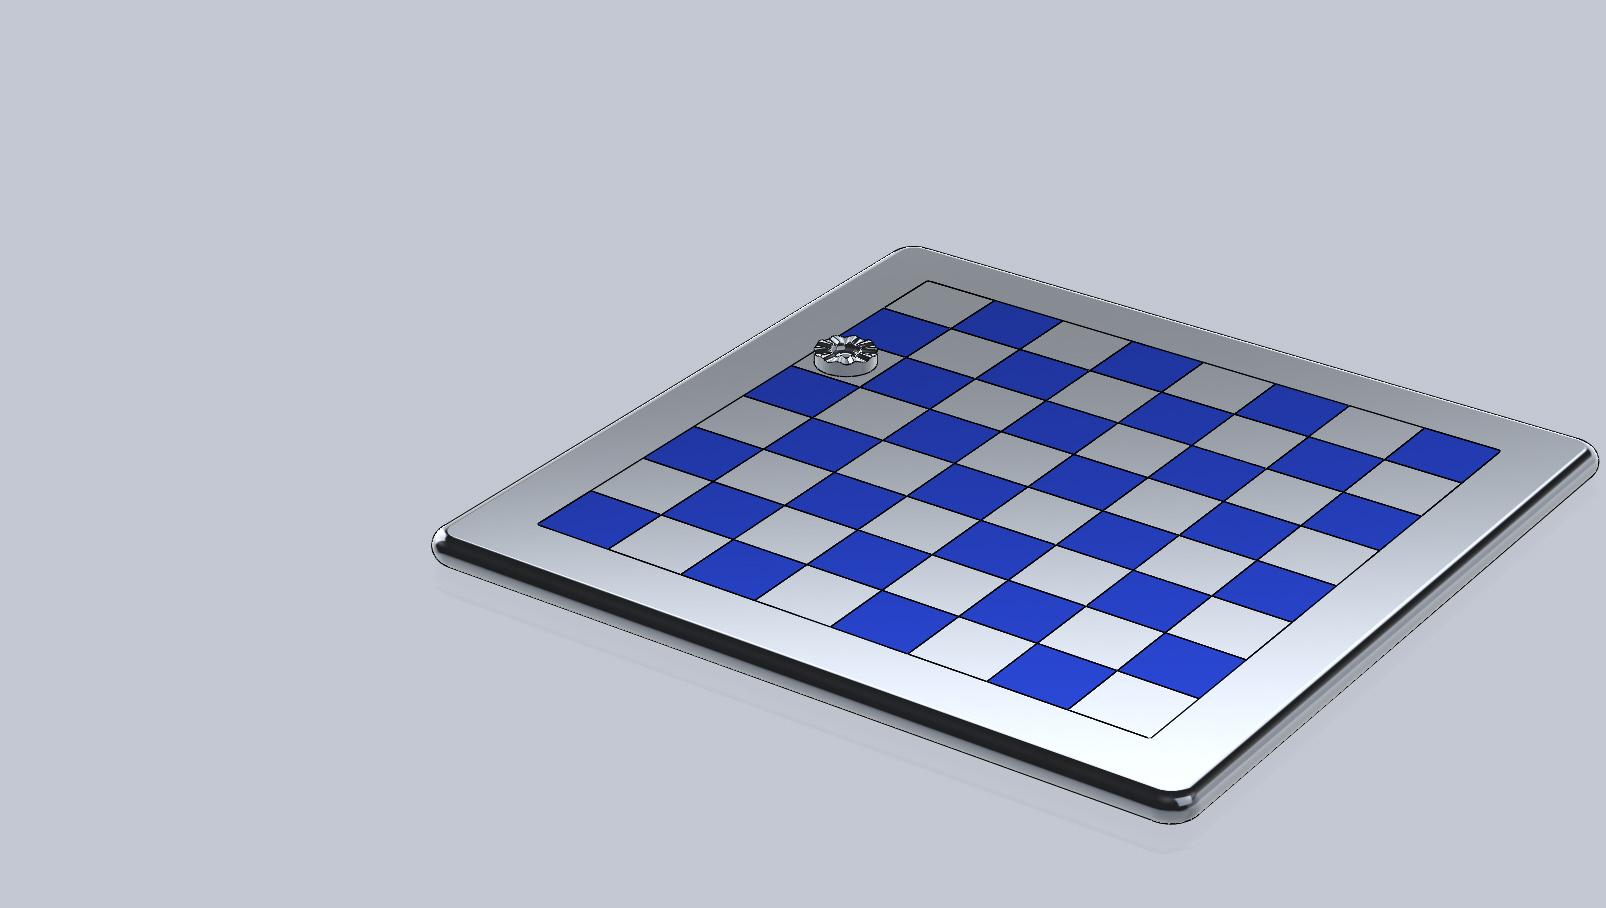 Picture of Customizable Checker Board